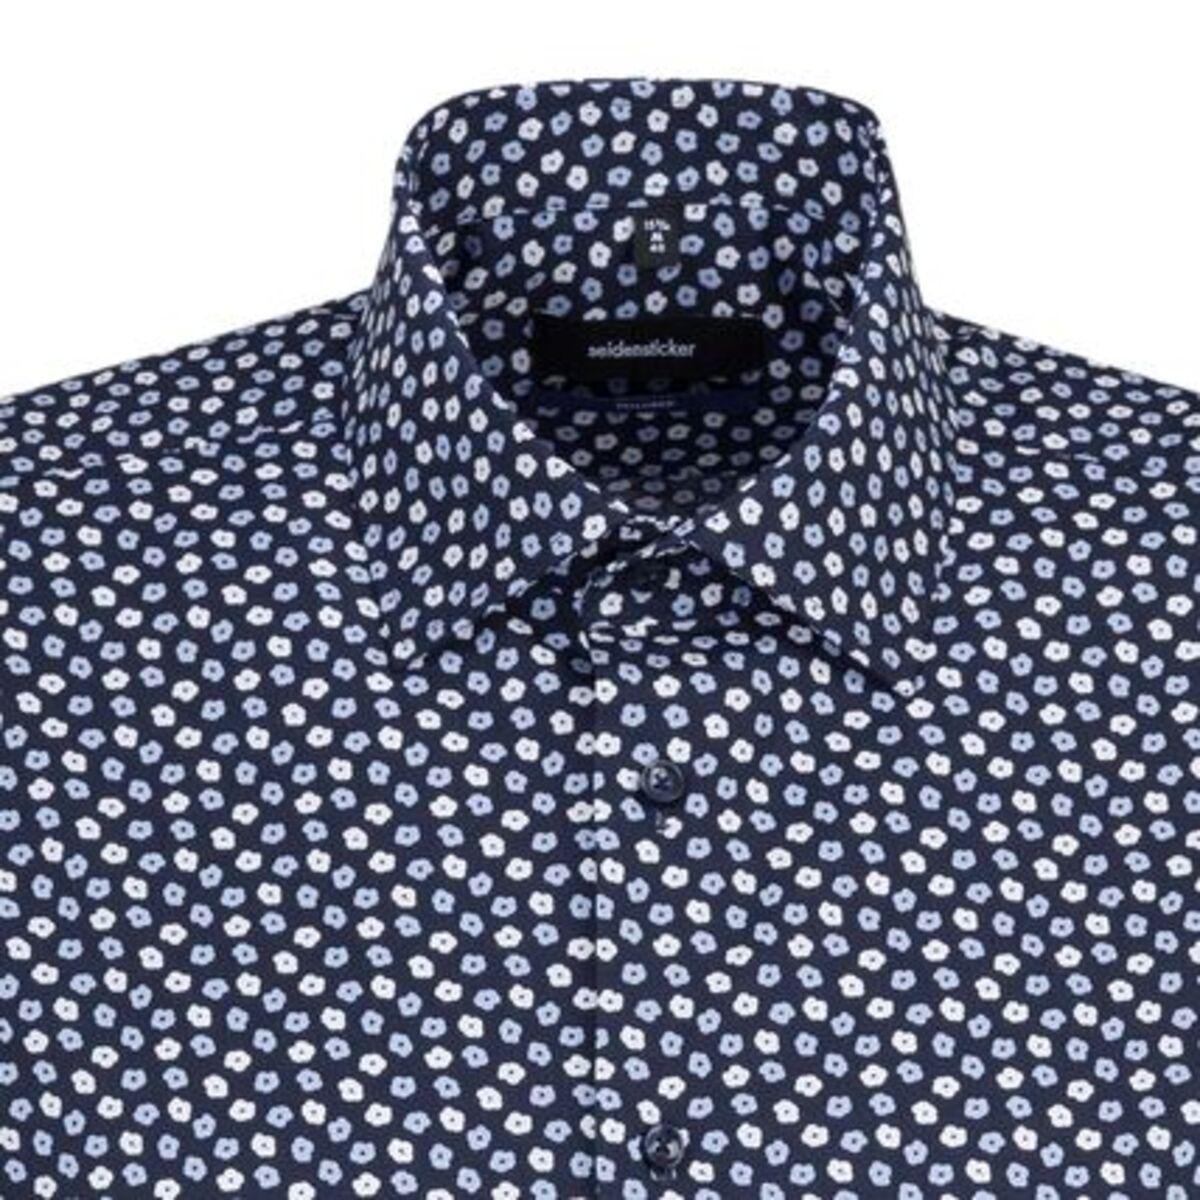 Bild 2 von Seidensticker Business Hemd Tailored Kurzarm Kentkragen Print, Dunkelblau, blau, 38, 38